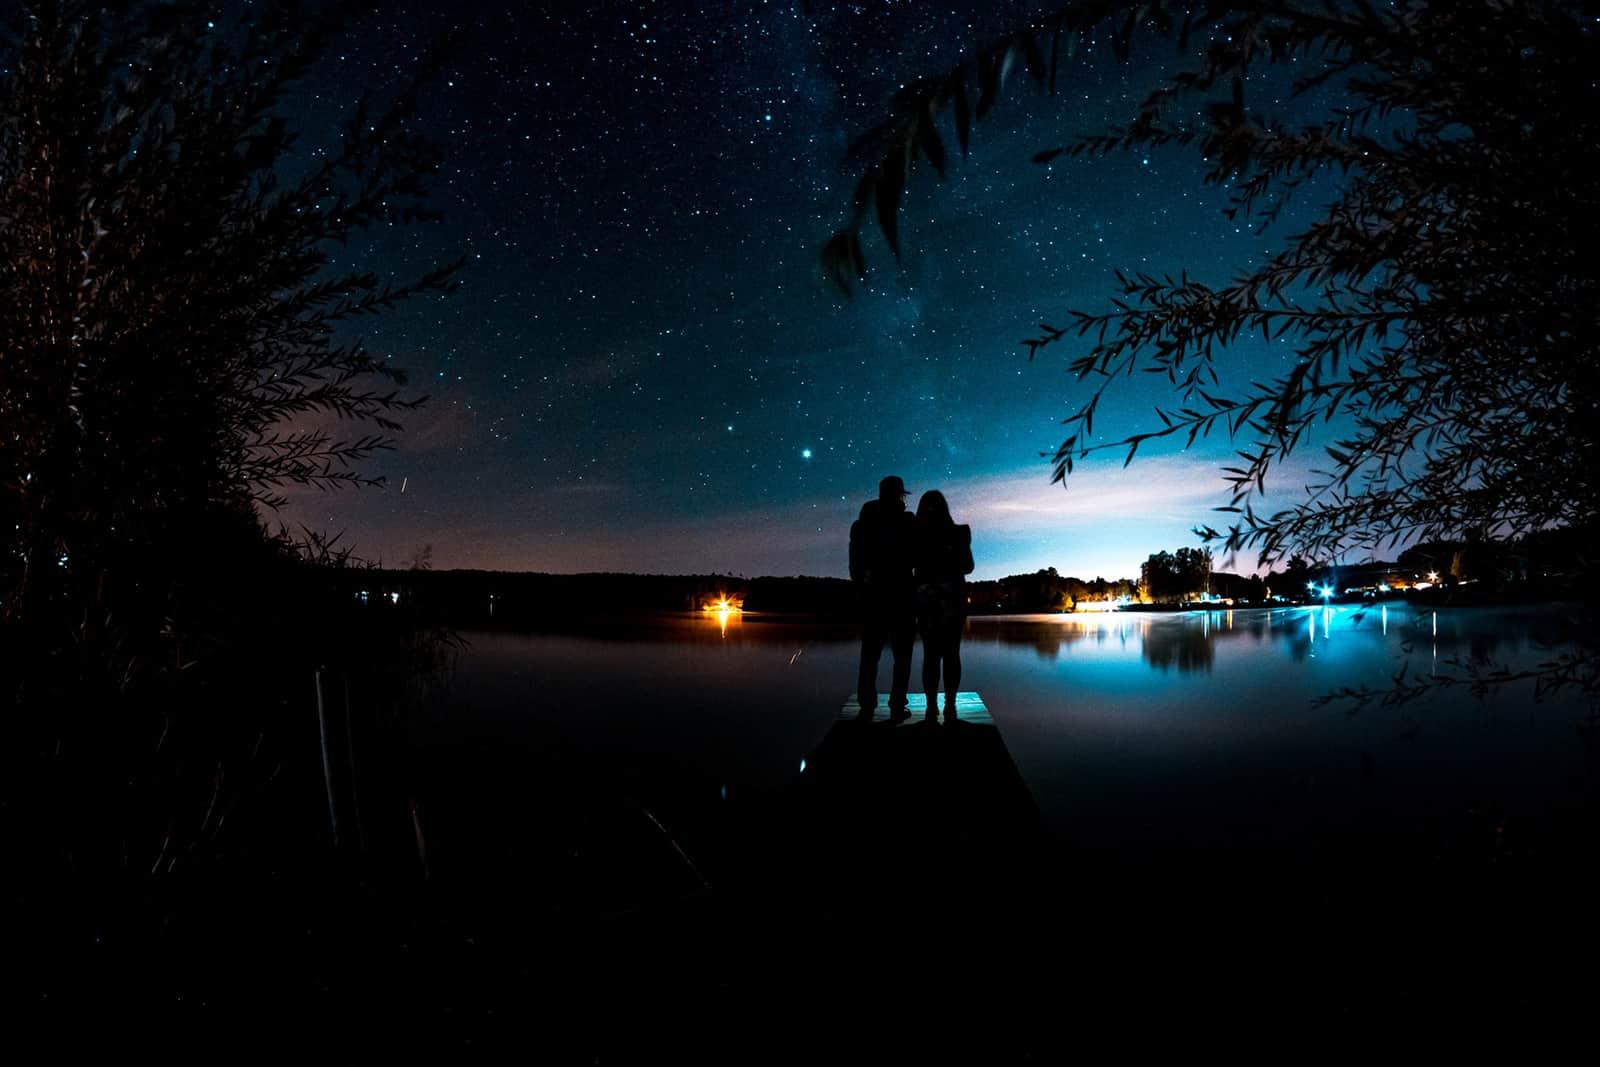 Ein liebevolles Paar beobachtet Sterne, die auf einem Dock in der Nähe des Gewässers stehen